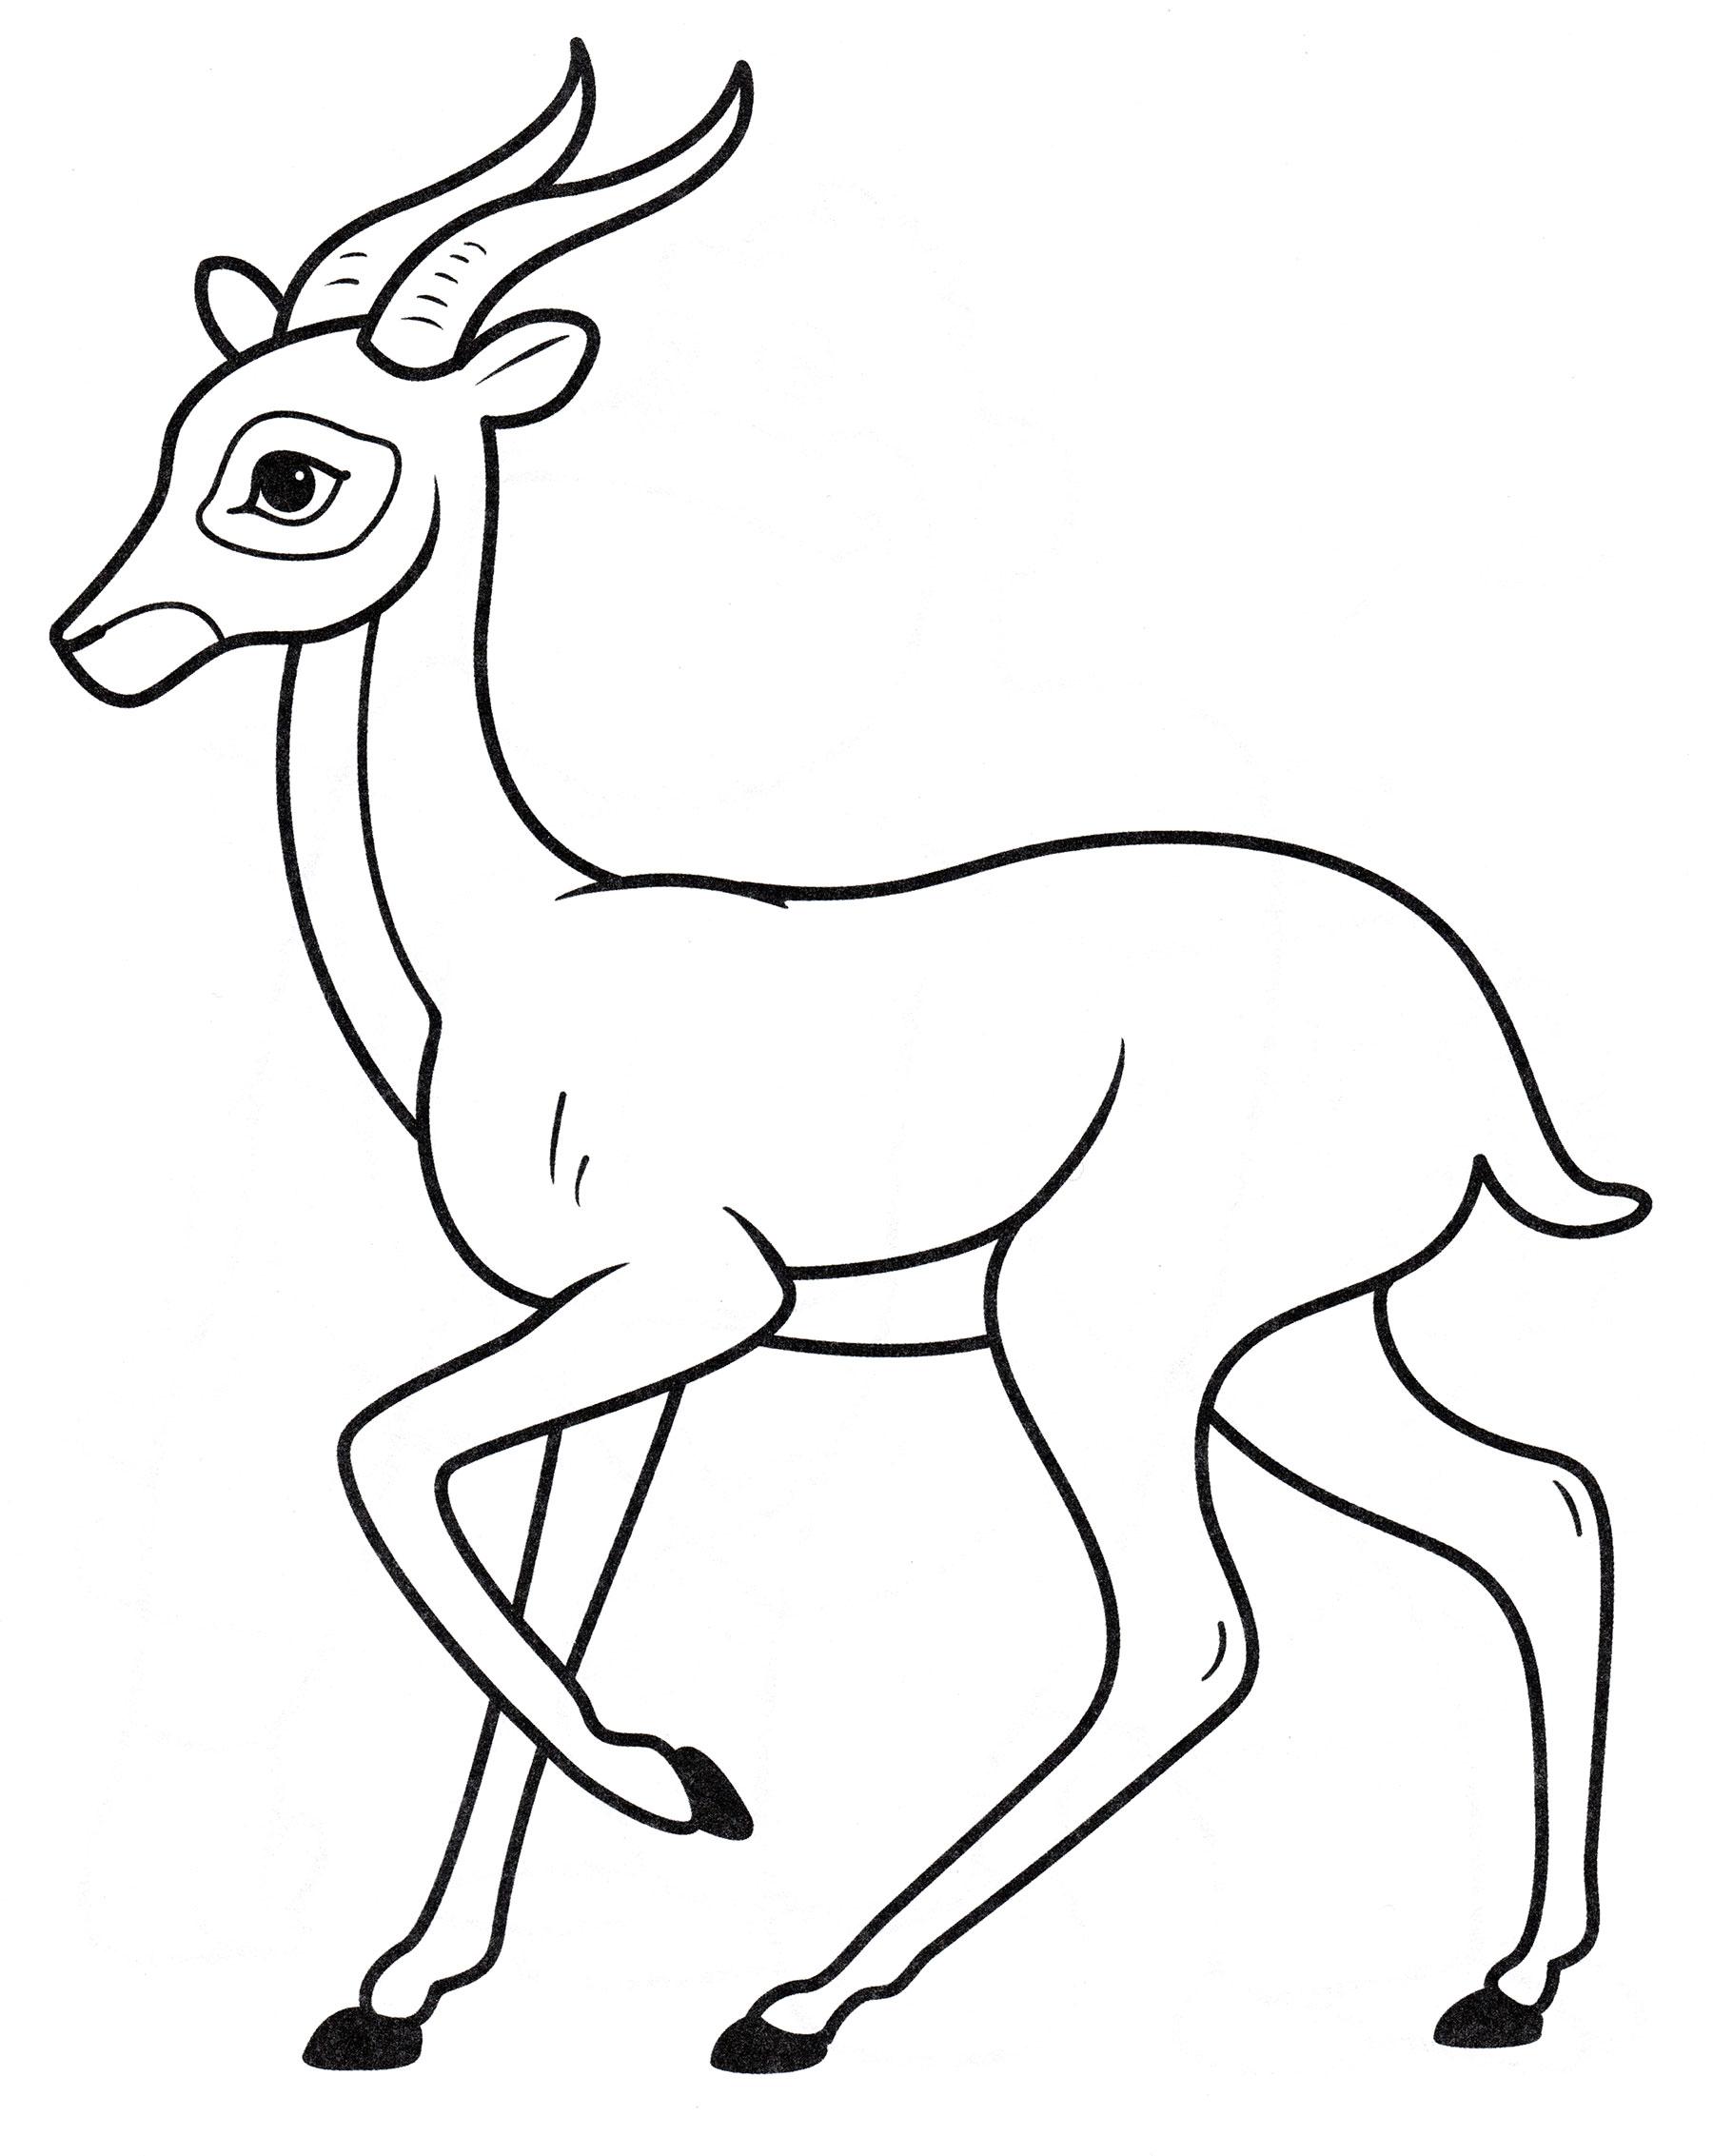 Газель животное рисунок